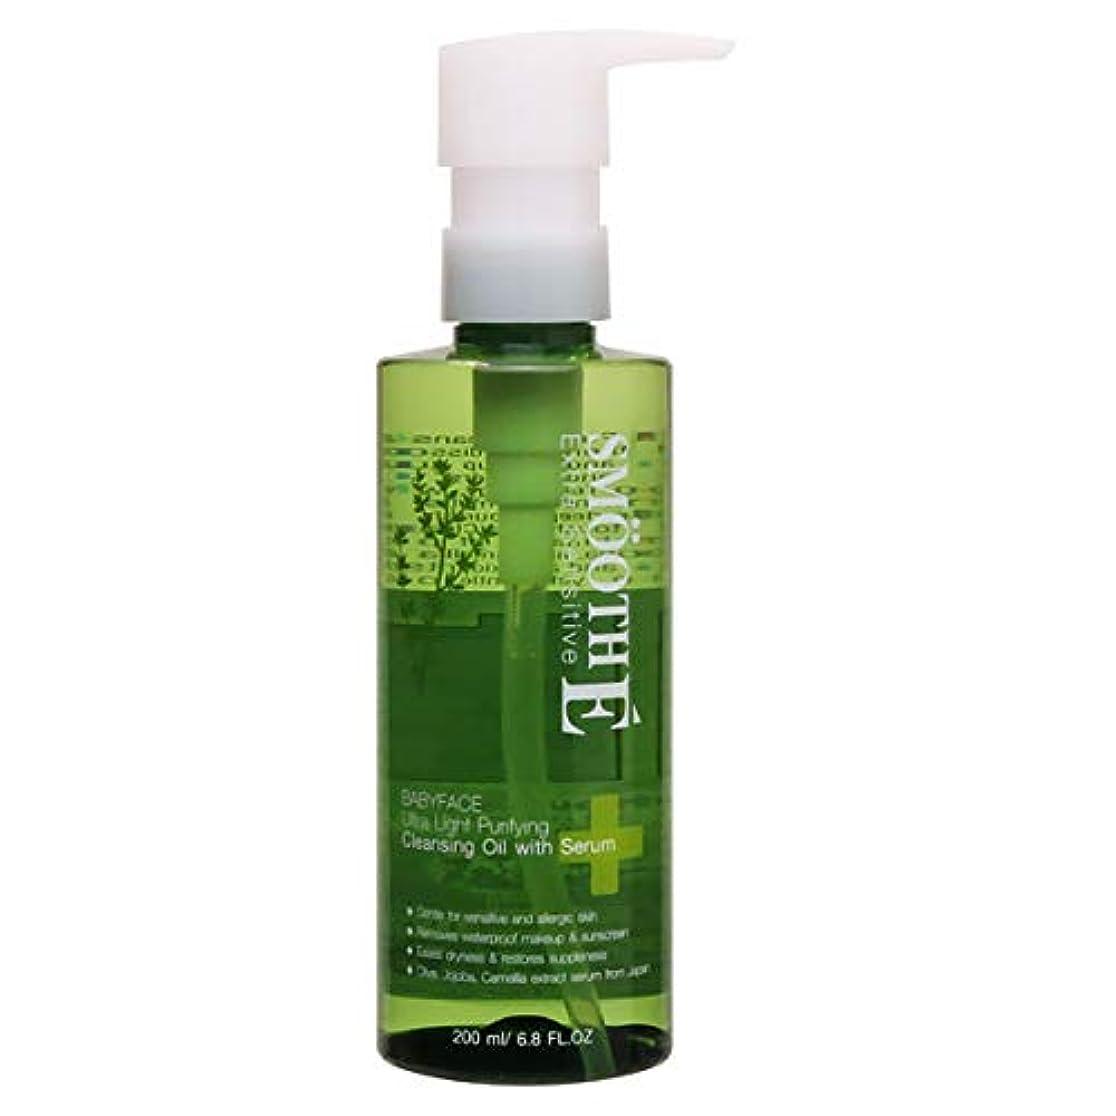 中毒蒸気可決SMOOTHE(スムースイー) スムースE ウルトラライト ピュリファイング クレンジングオイル ウィズ セラム (200ml) オールインワン 洗顔